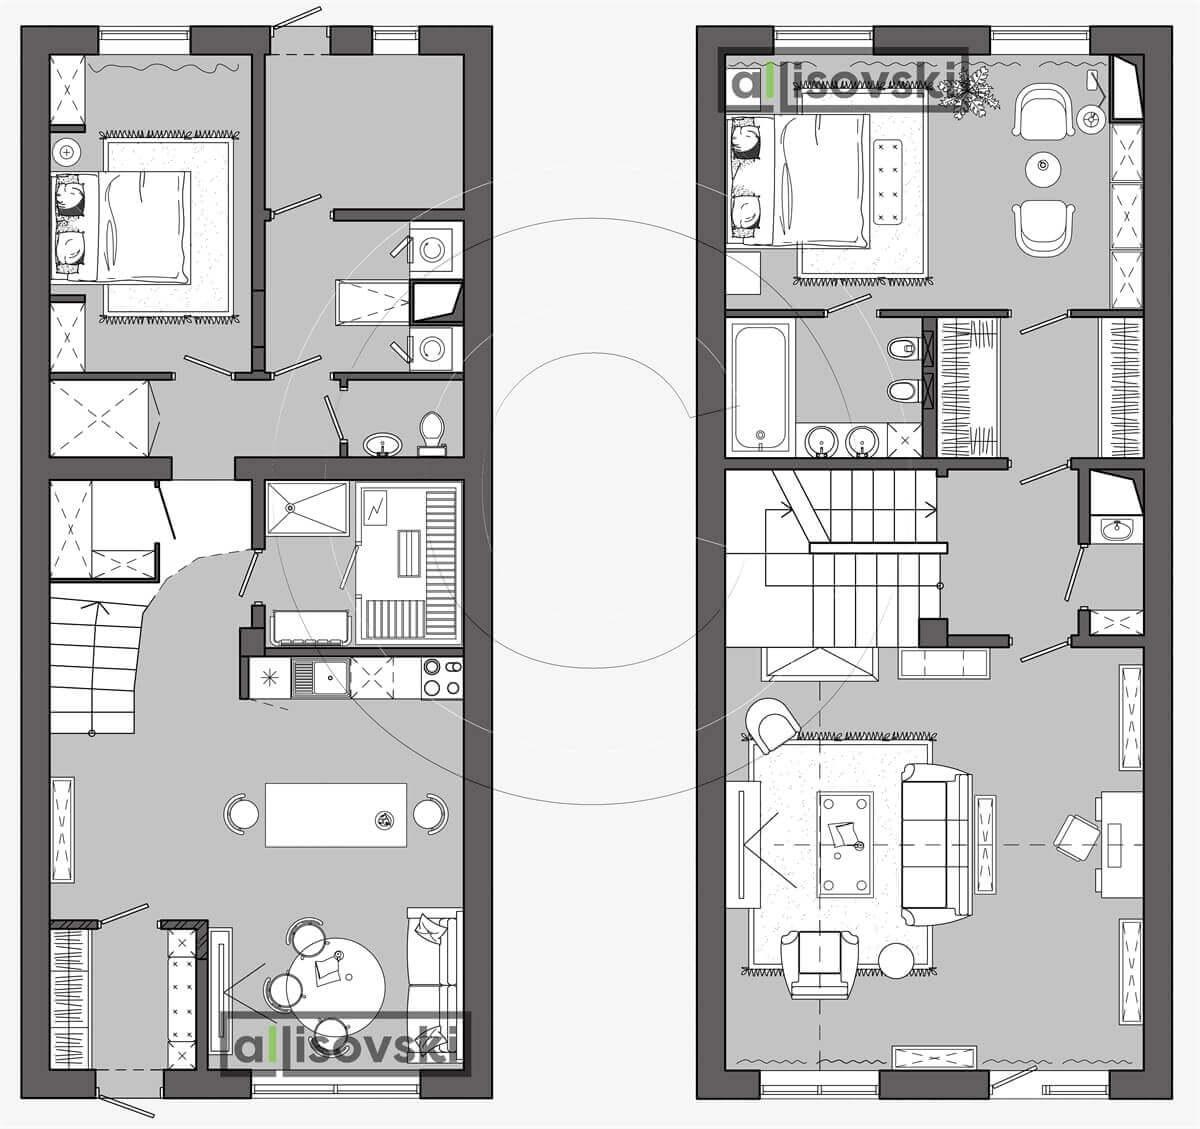 План перепланировка дома расположение мебели планировка чертежи 2